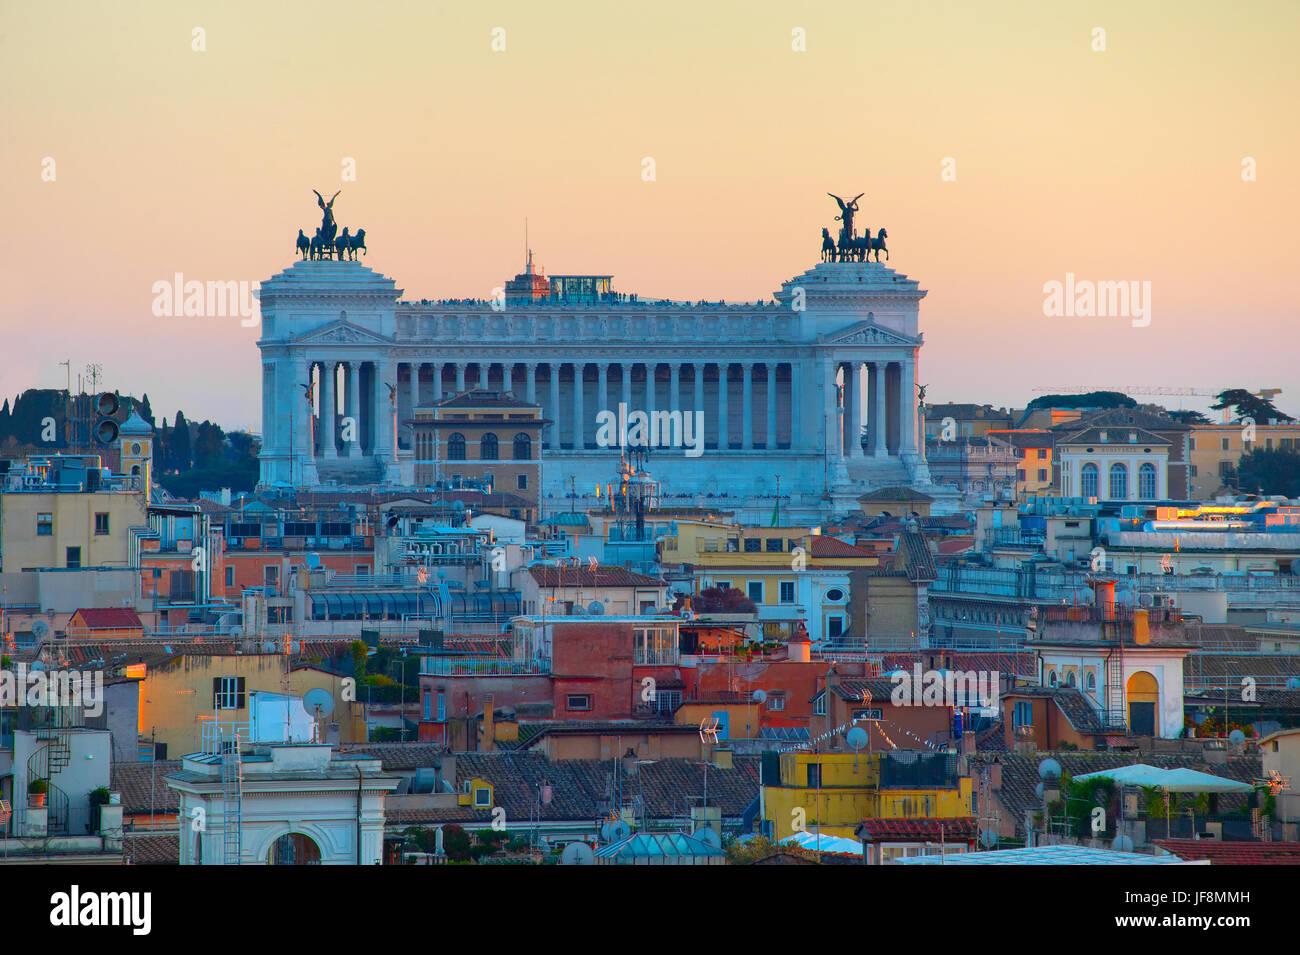 Rom in der Dämmerung. Italien Stockbild